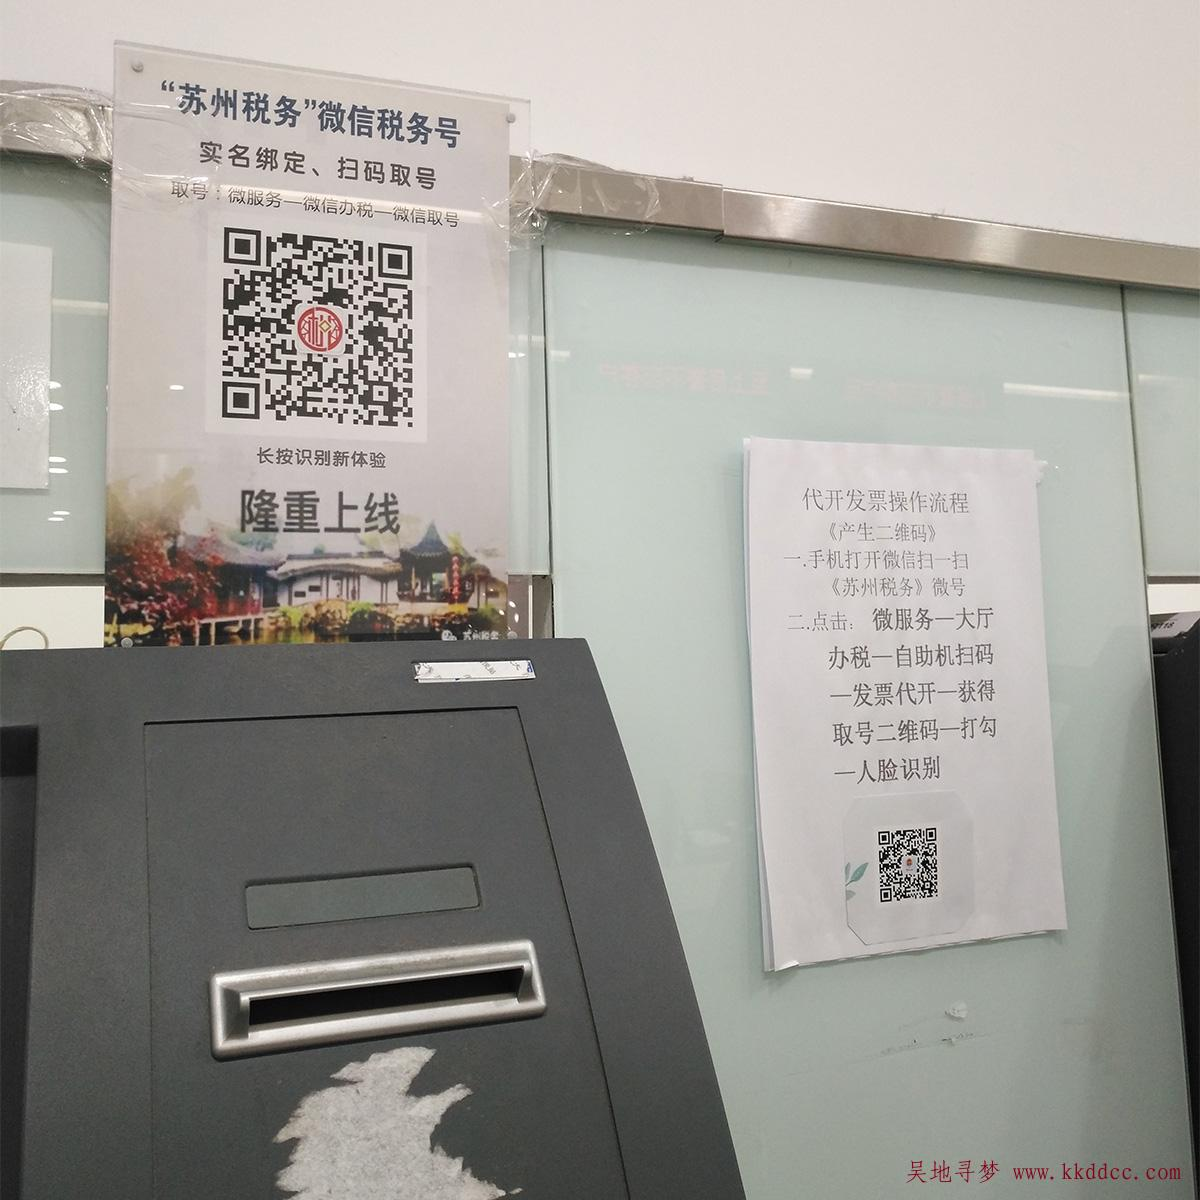 苏州税务个体工商户微信公众号微信税务号代开发票流程